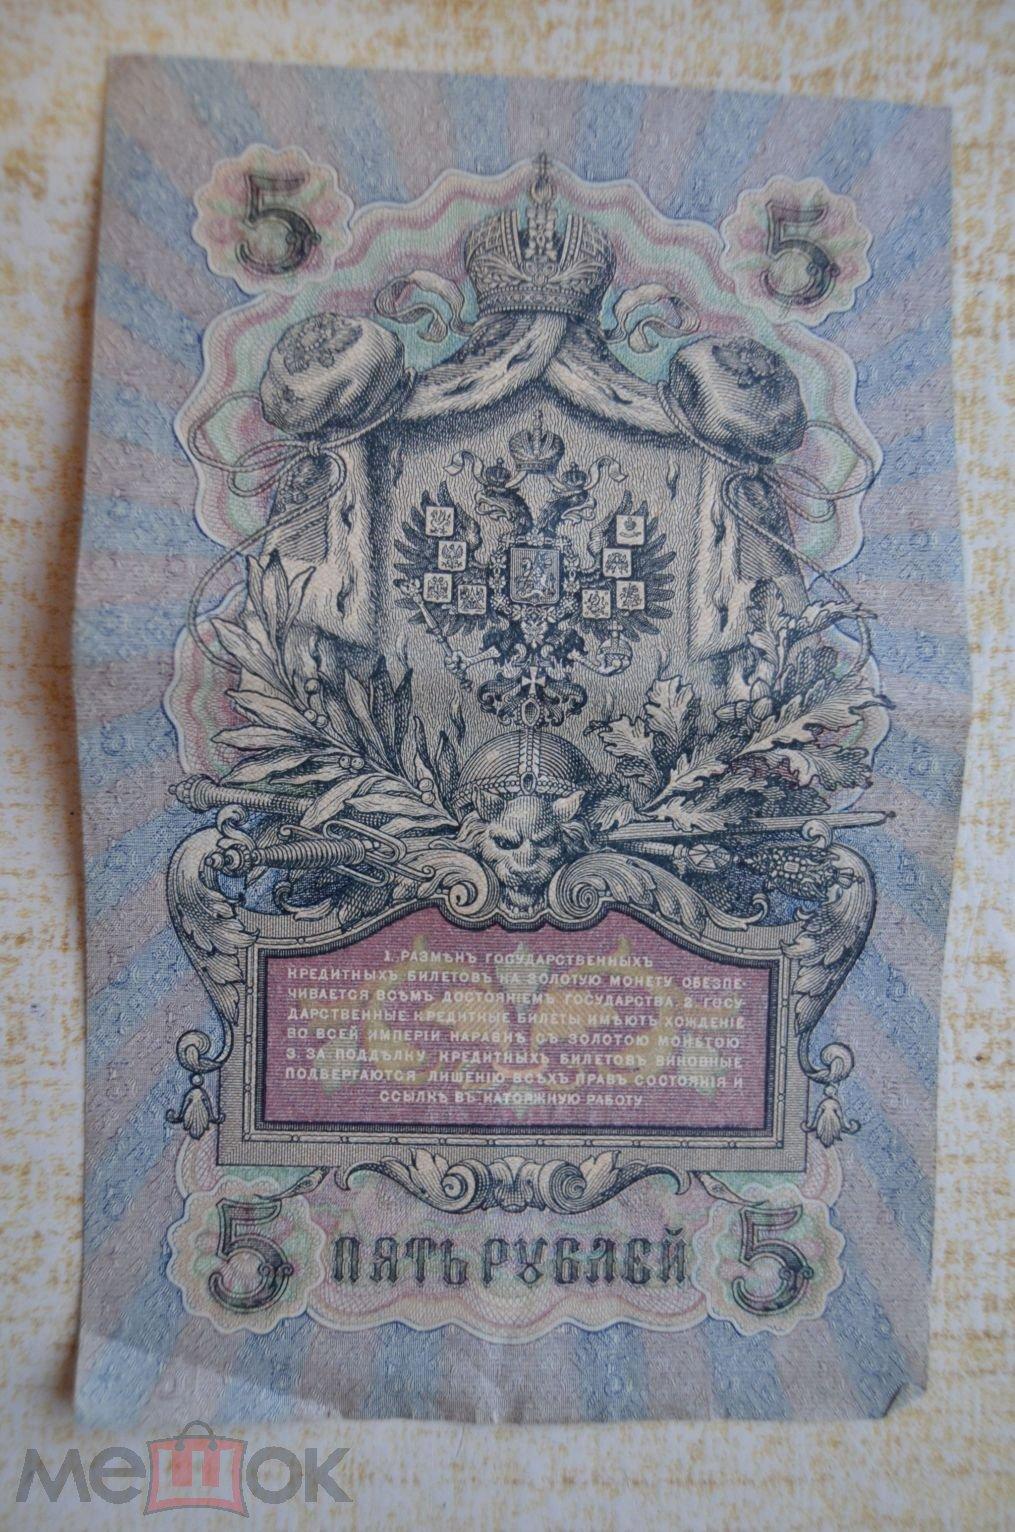 5 пять рублей 1909 года шипов бубякин номер тк